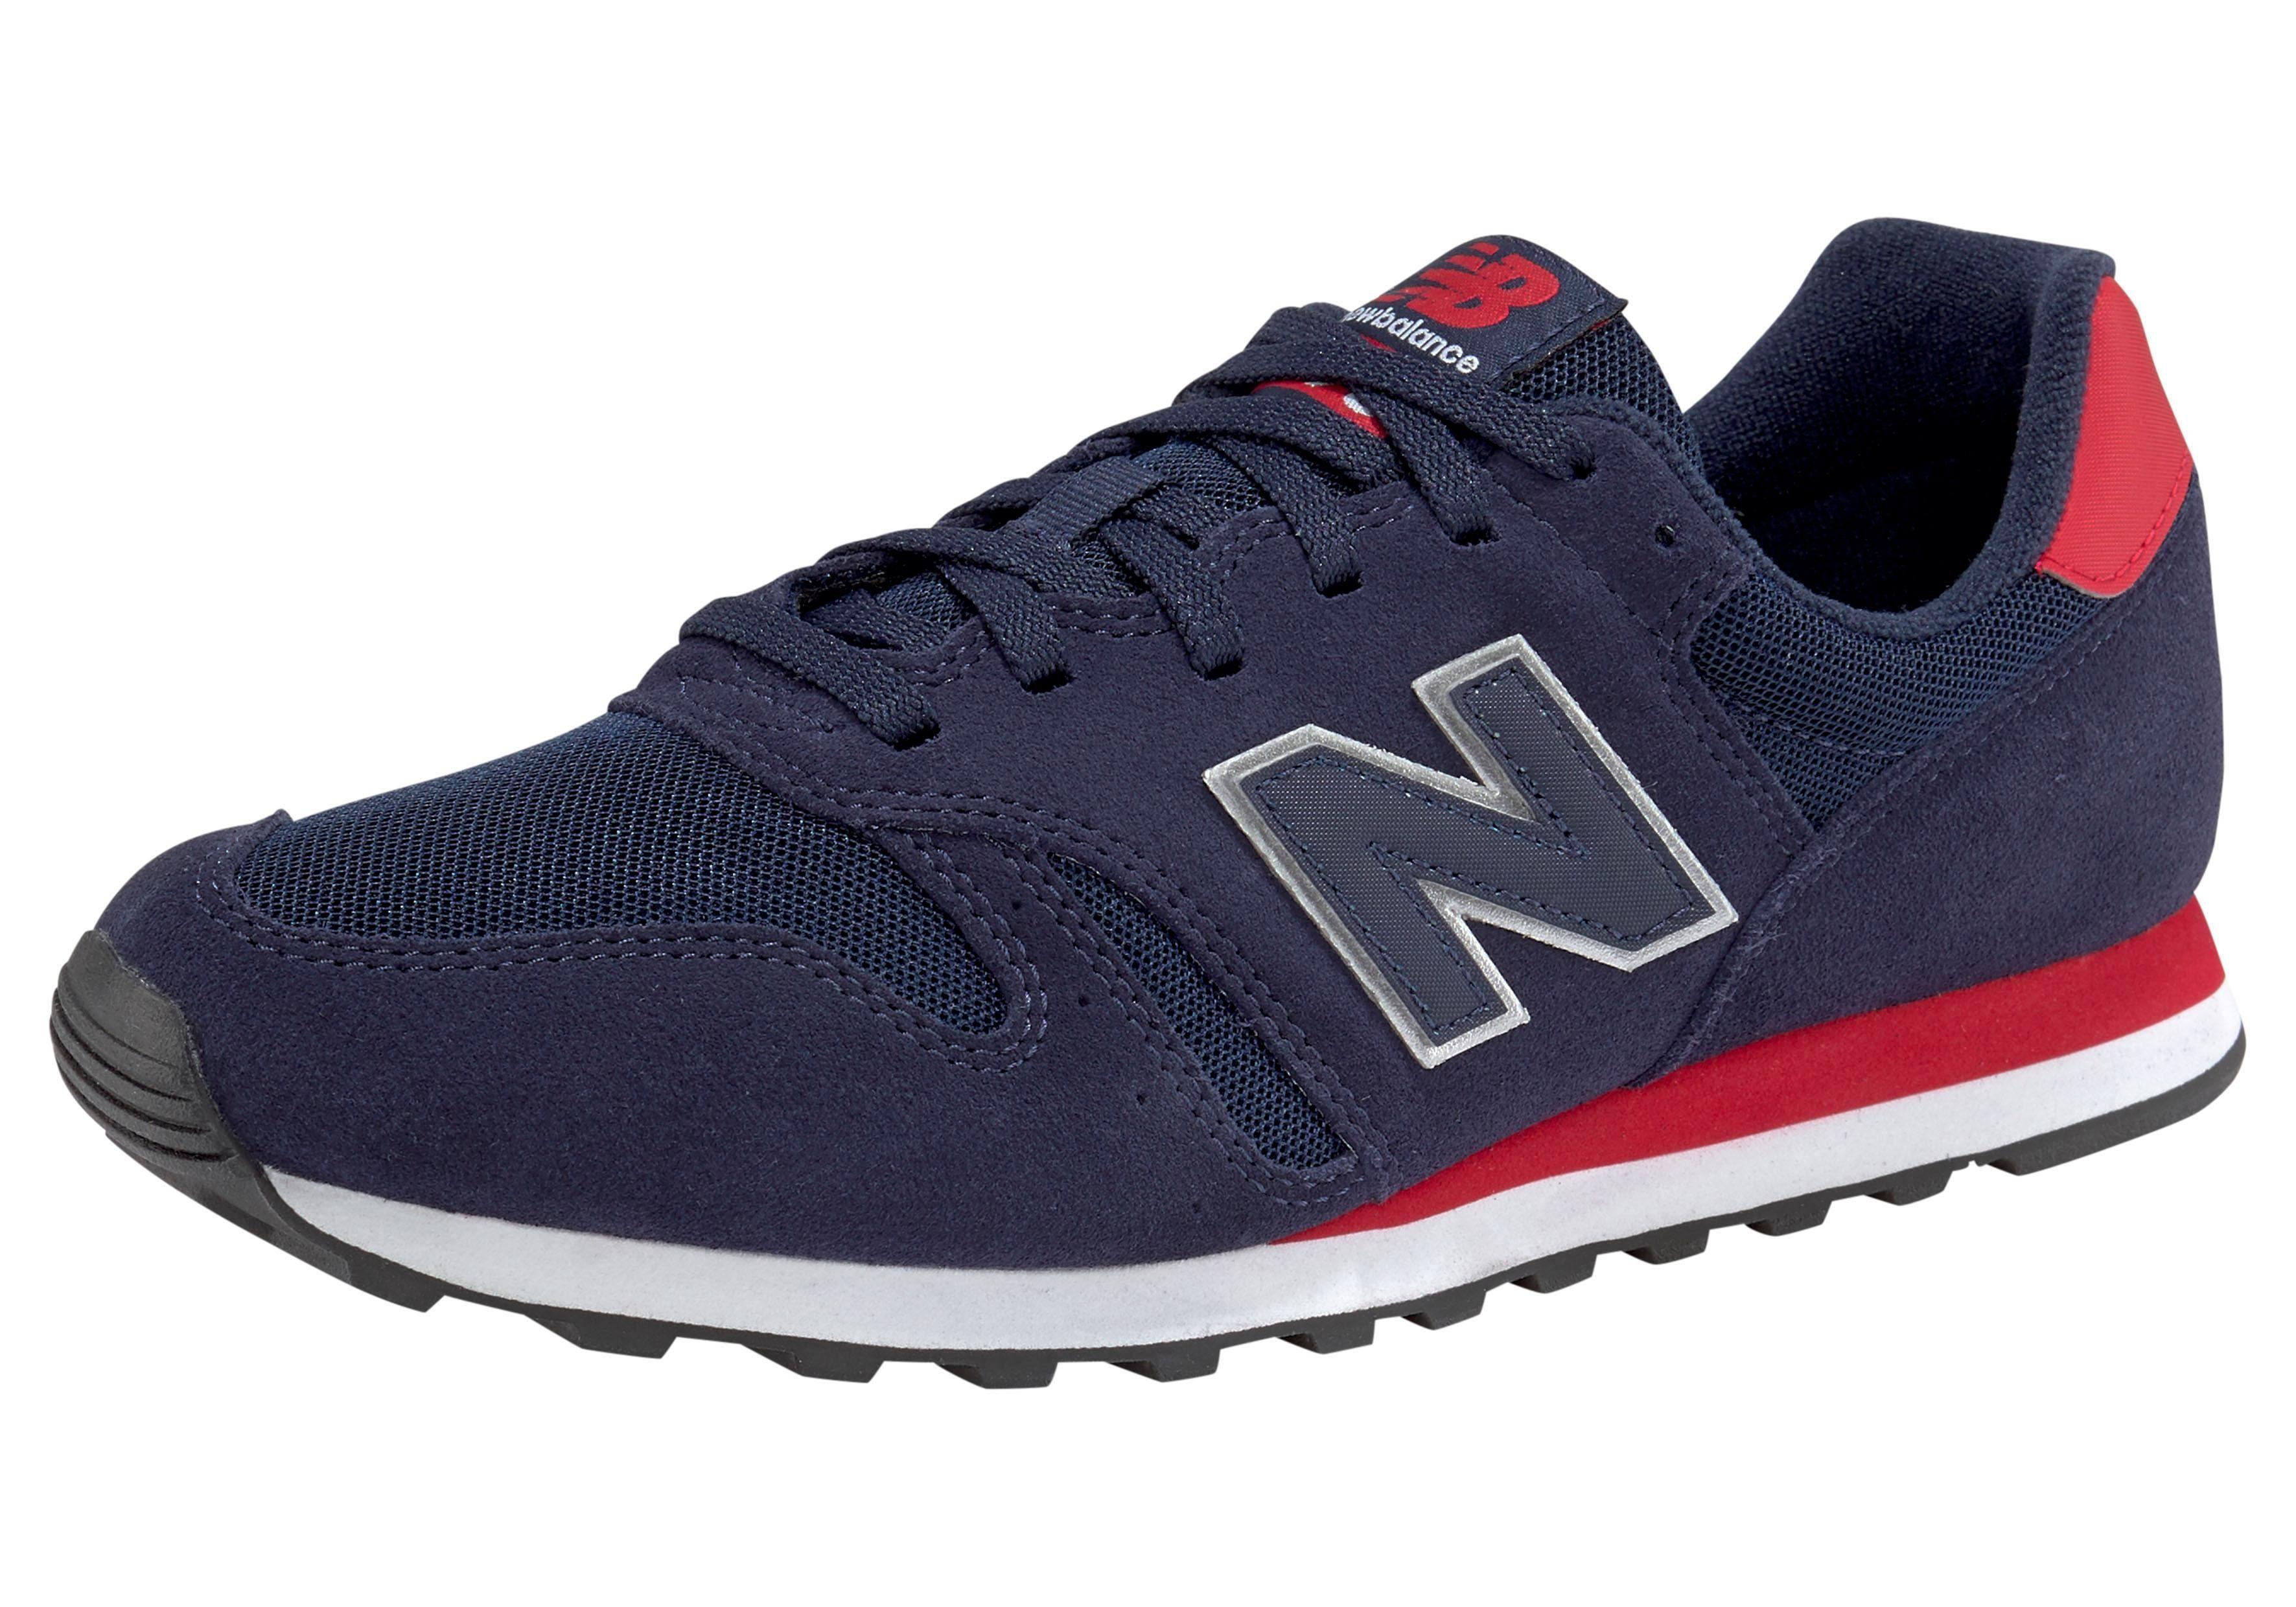 NEW BALANCE Herren 373 Sneaker, Schwarz 44.5 ab 64,98 € im